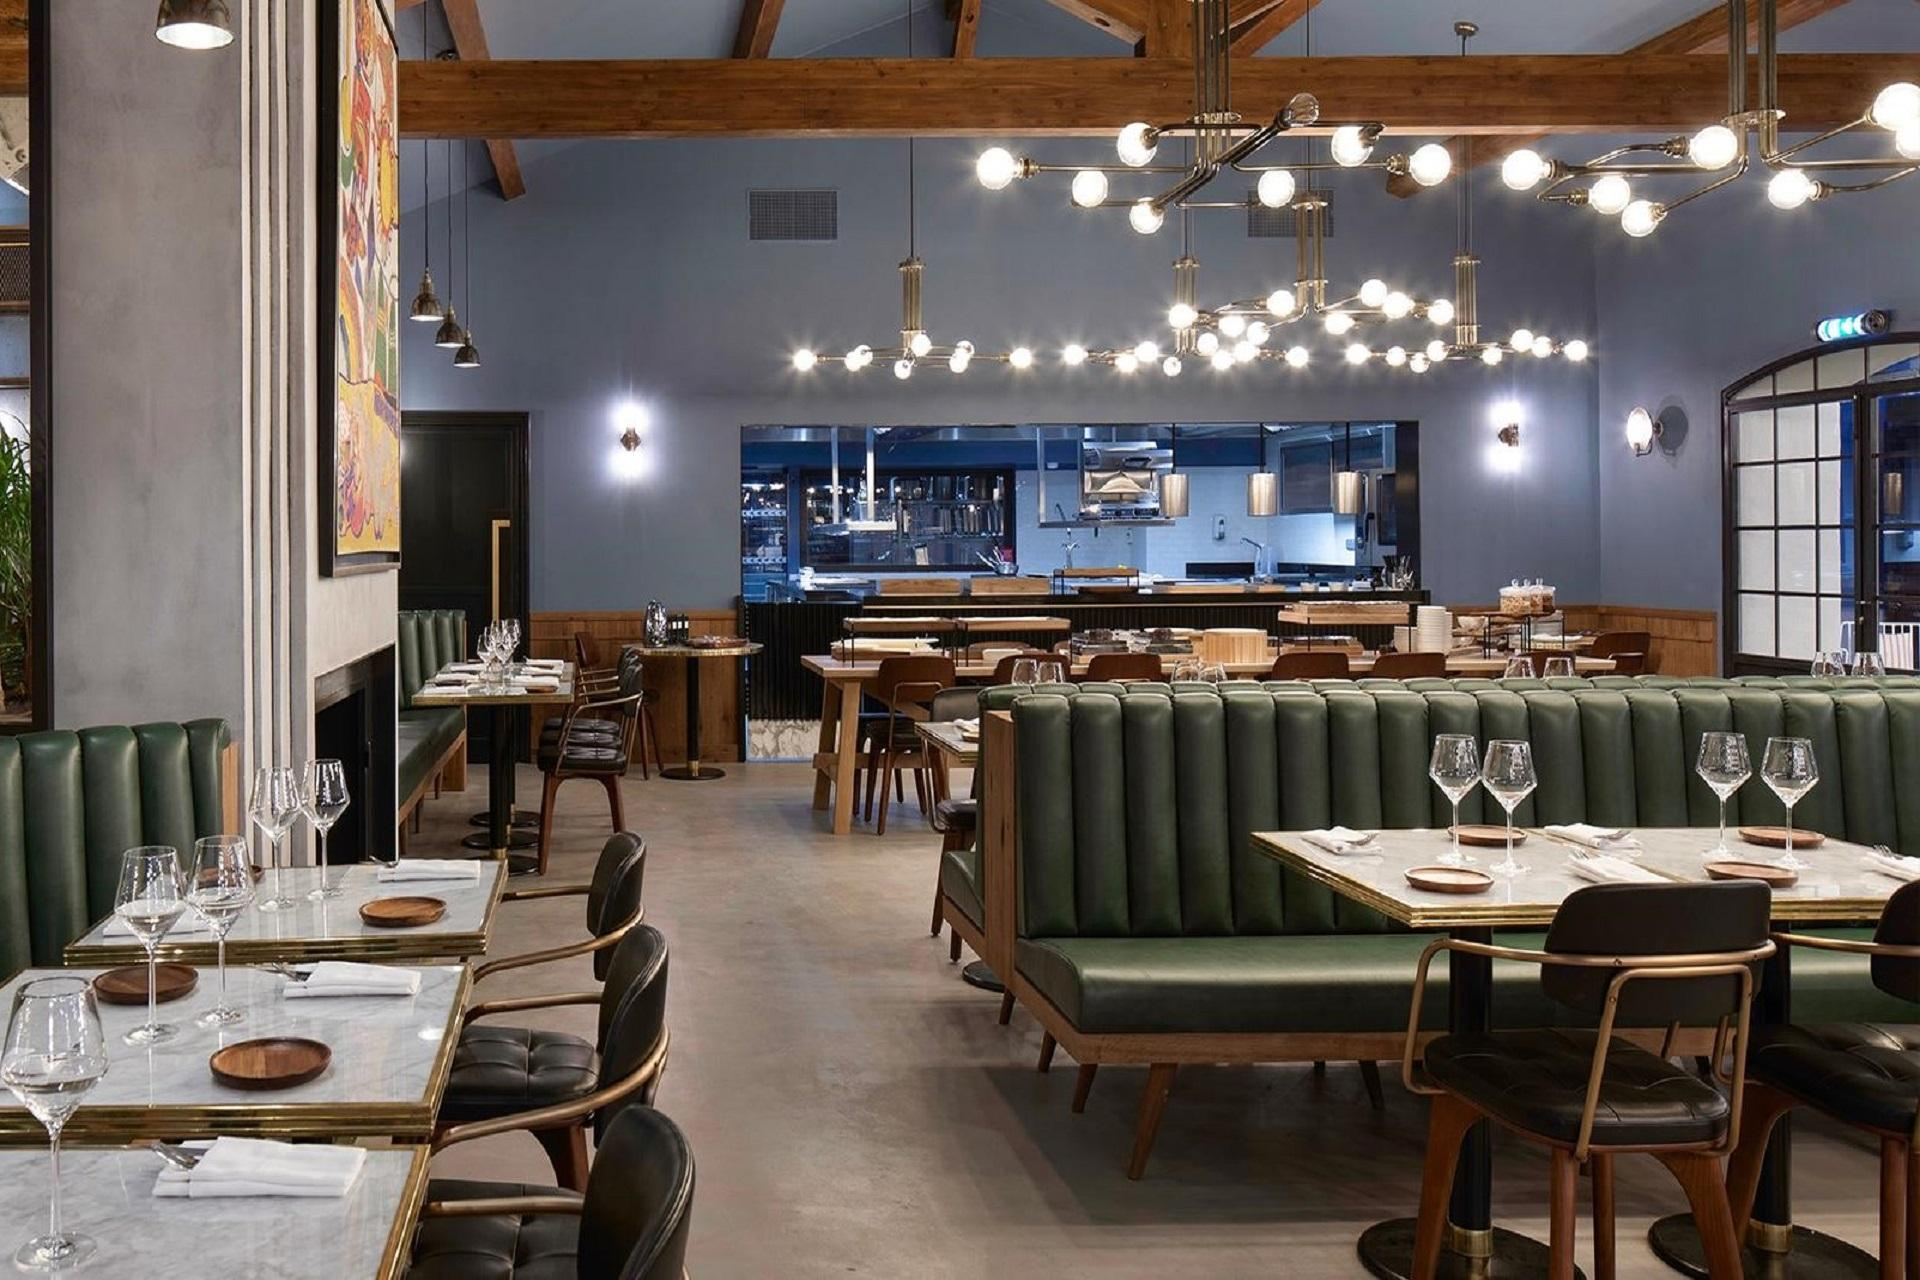 ultimate-provence-var-provence-saint-tropez-sud-france-restaurant-seminaires-de-caractere